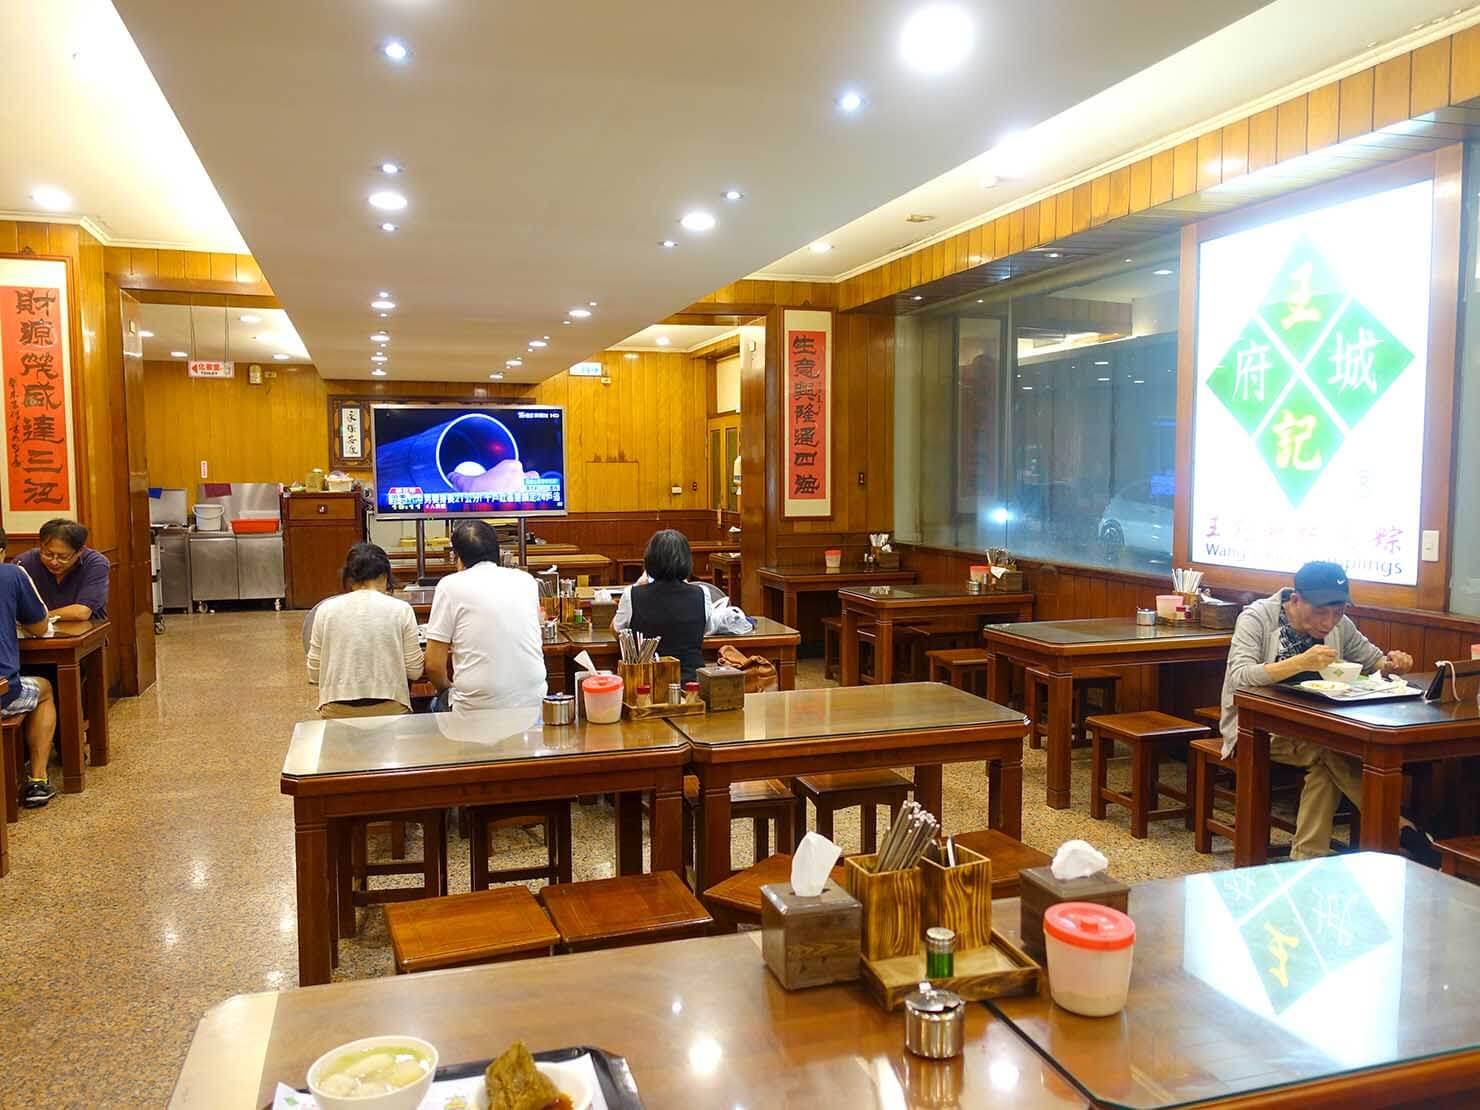 台北・南京復興駅周辺のおすすめグルメ店「王記府城肉粽」の店内